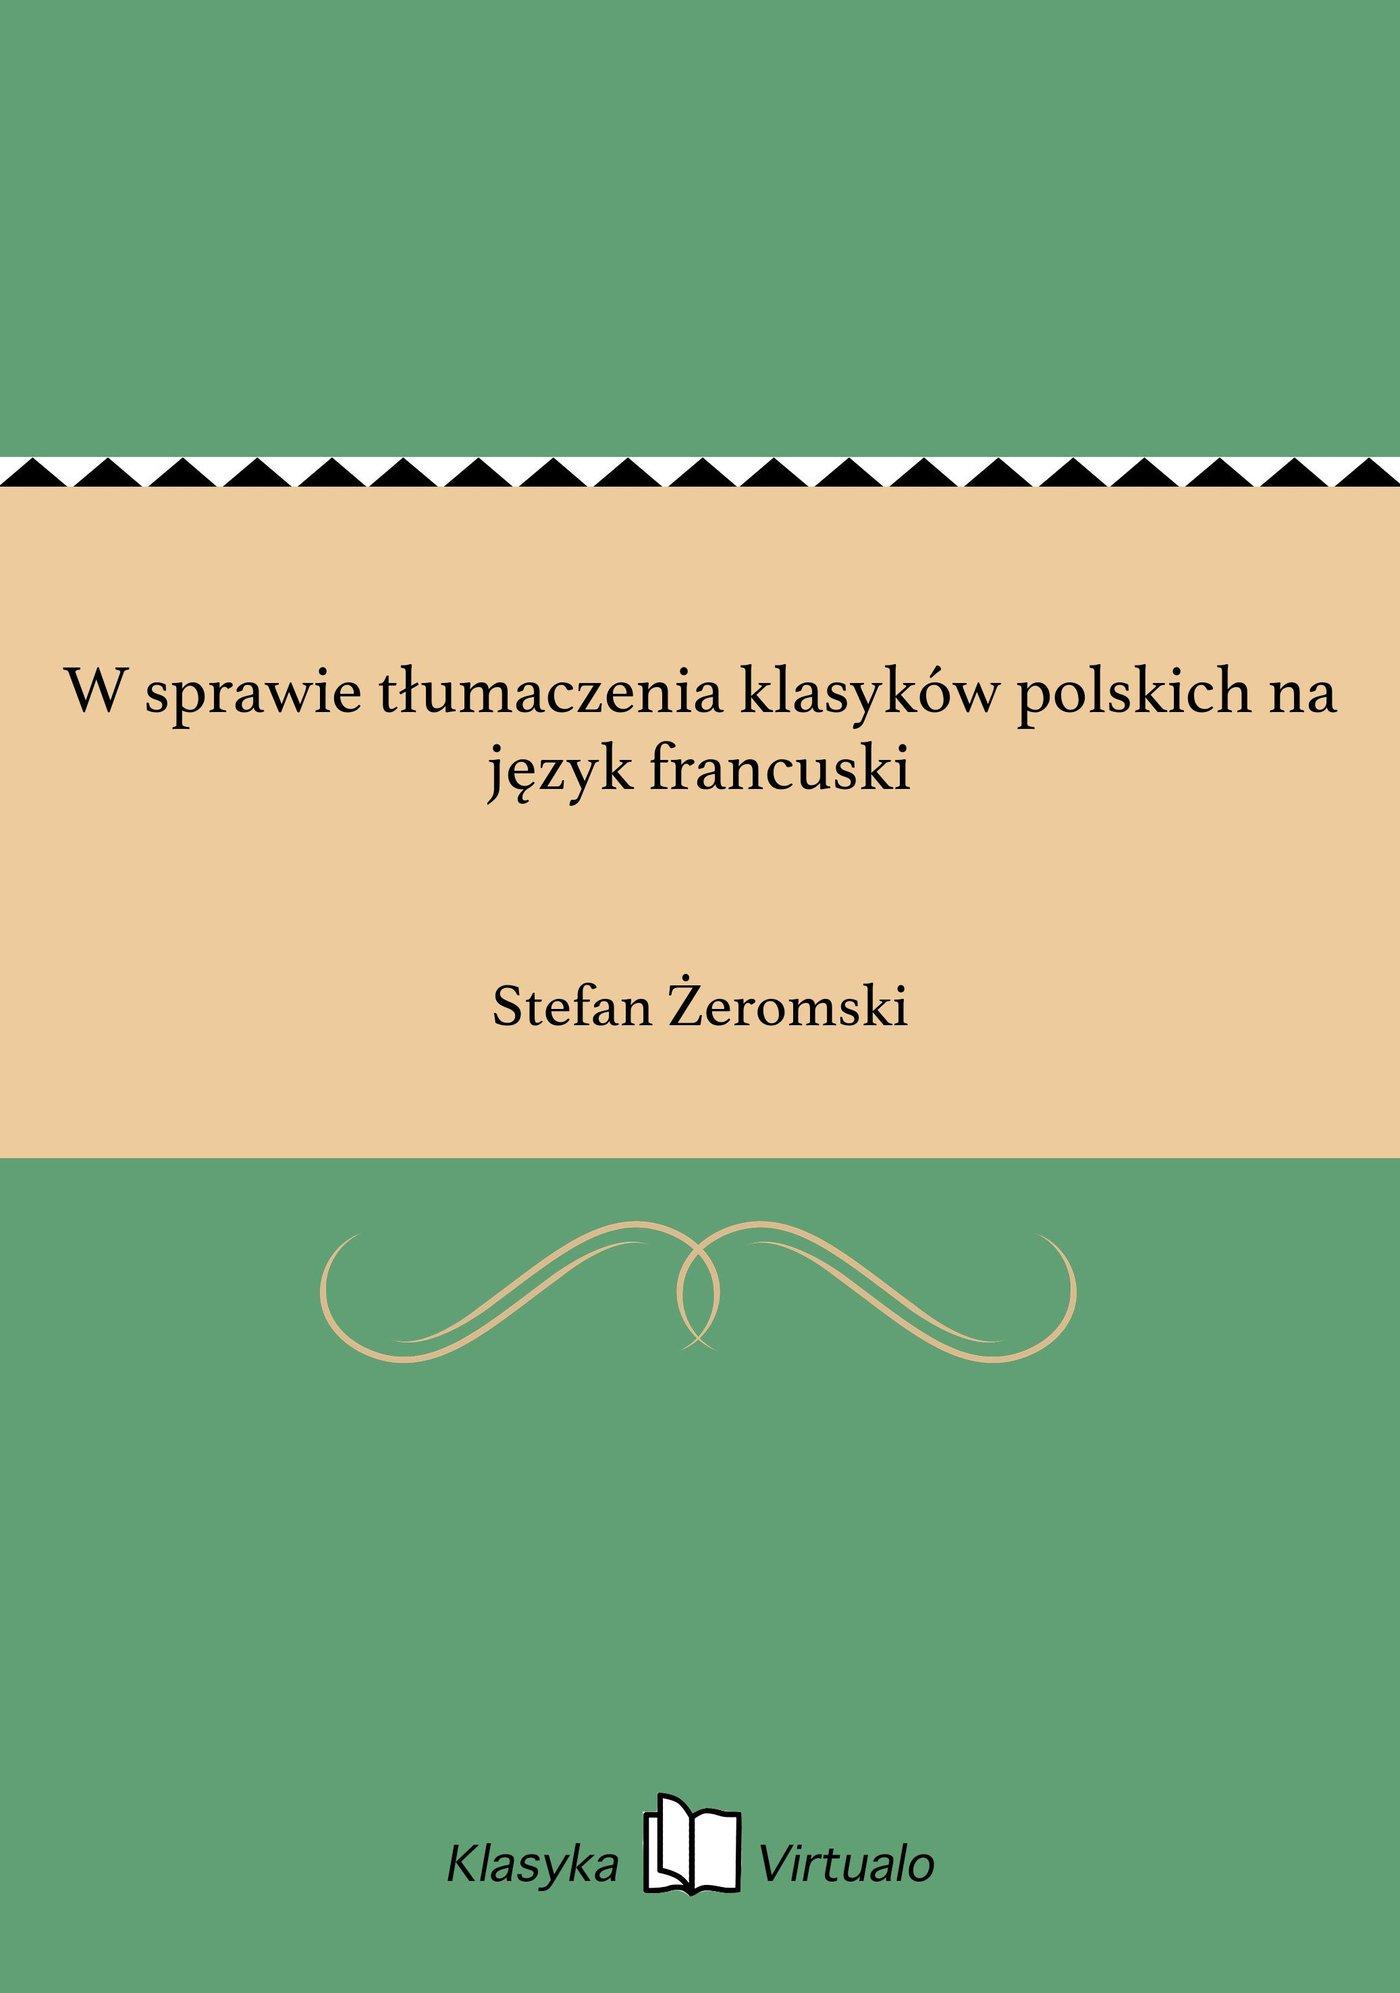 W sprawie tłumaczenia klasyków polskich na język francuski - Ebook (Książka EPUB) do pobrania w formacie EPUB